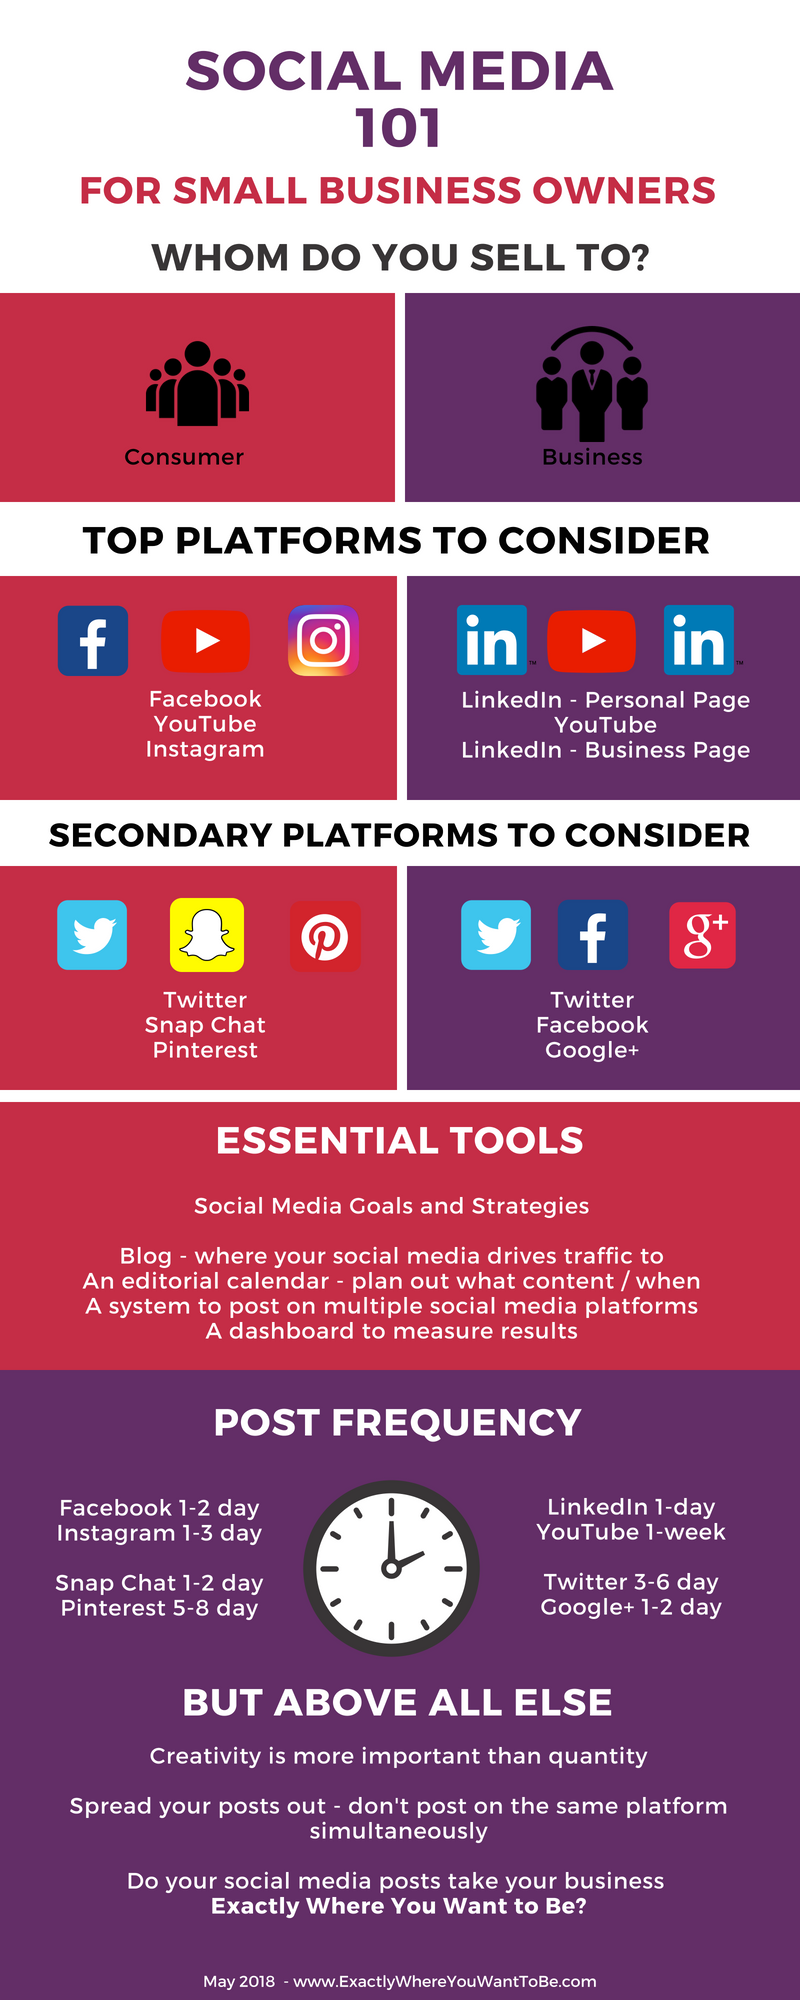 socialmedia101.png